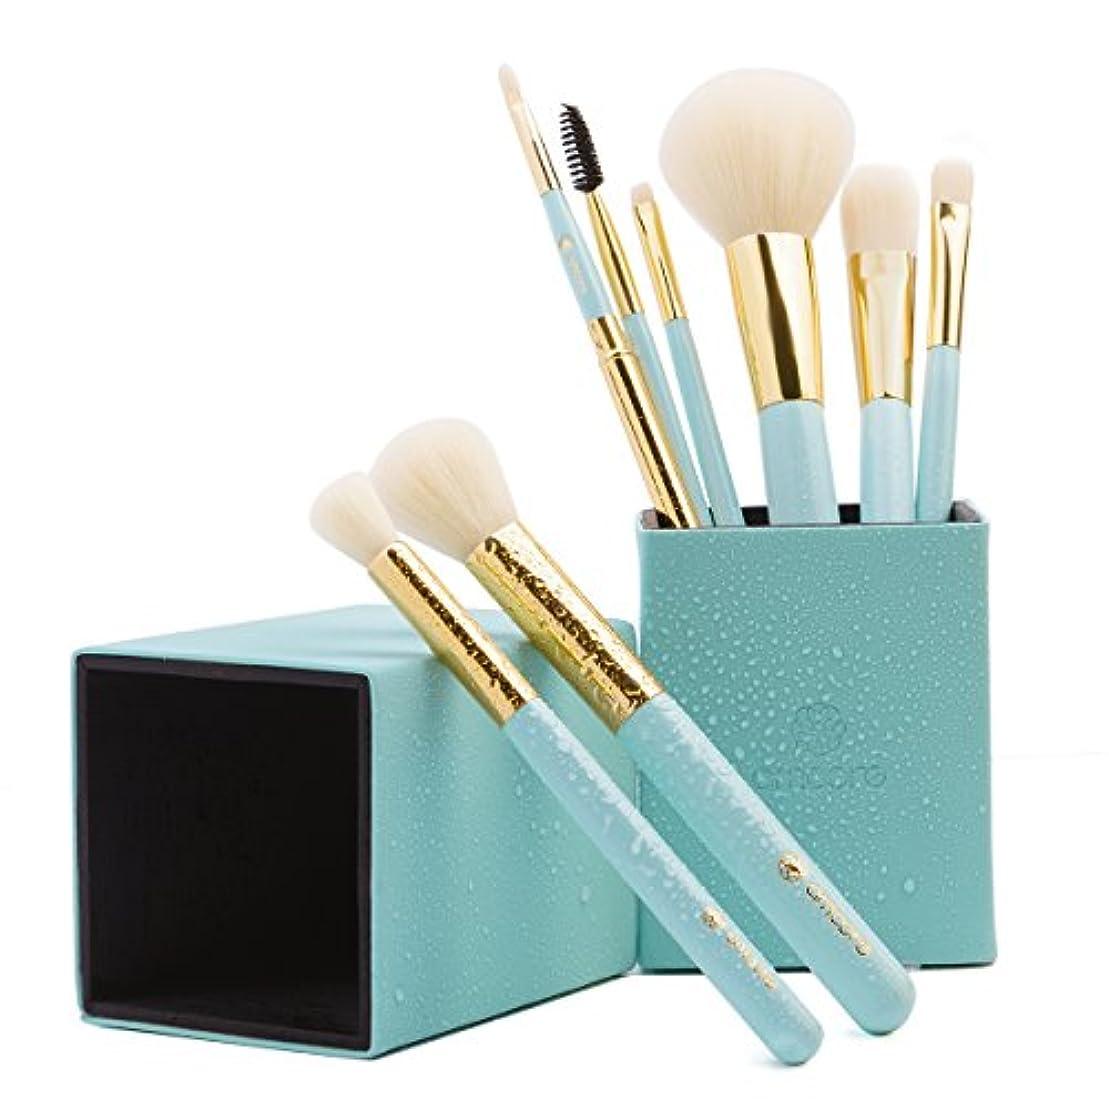 巨人乳製品リスナーamoore 8本 化粧筆 メイクブラシセット 化粧ブラシ セット コスメ ブラシ 収納ケース付き (8本, ミントグリーン)